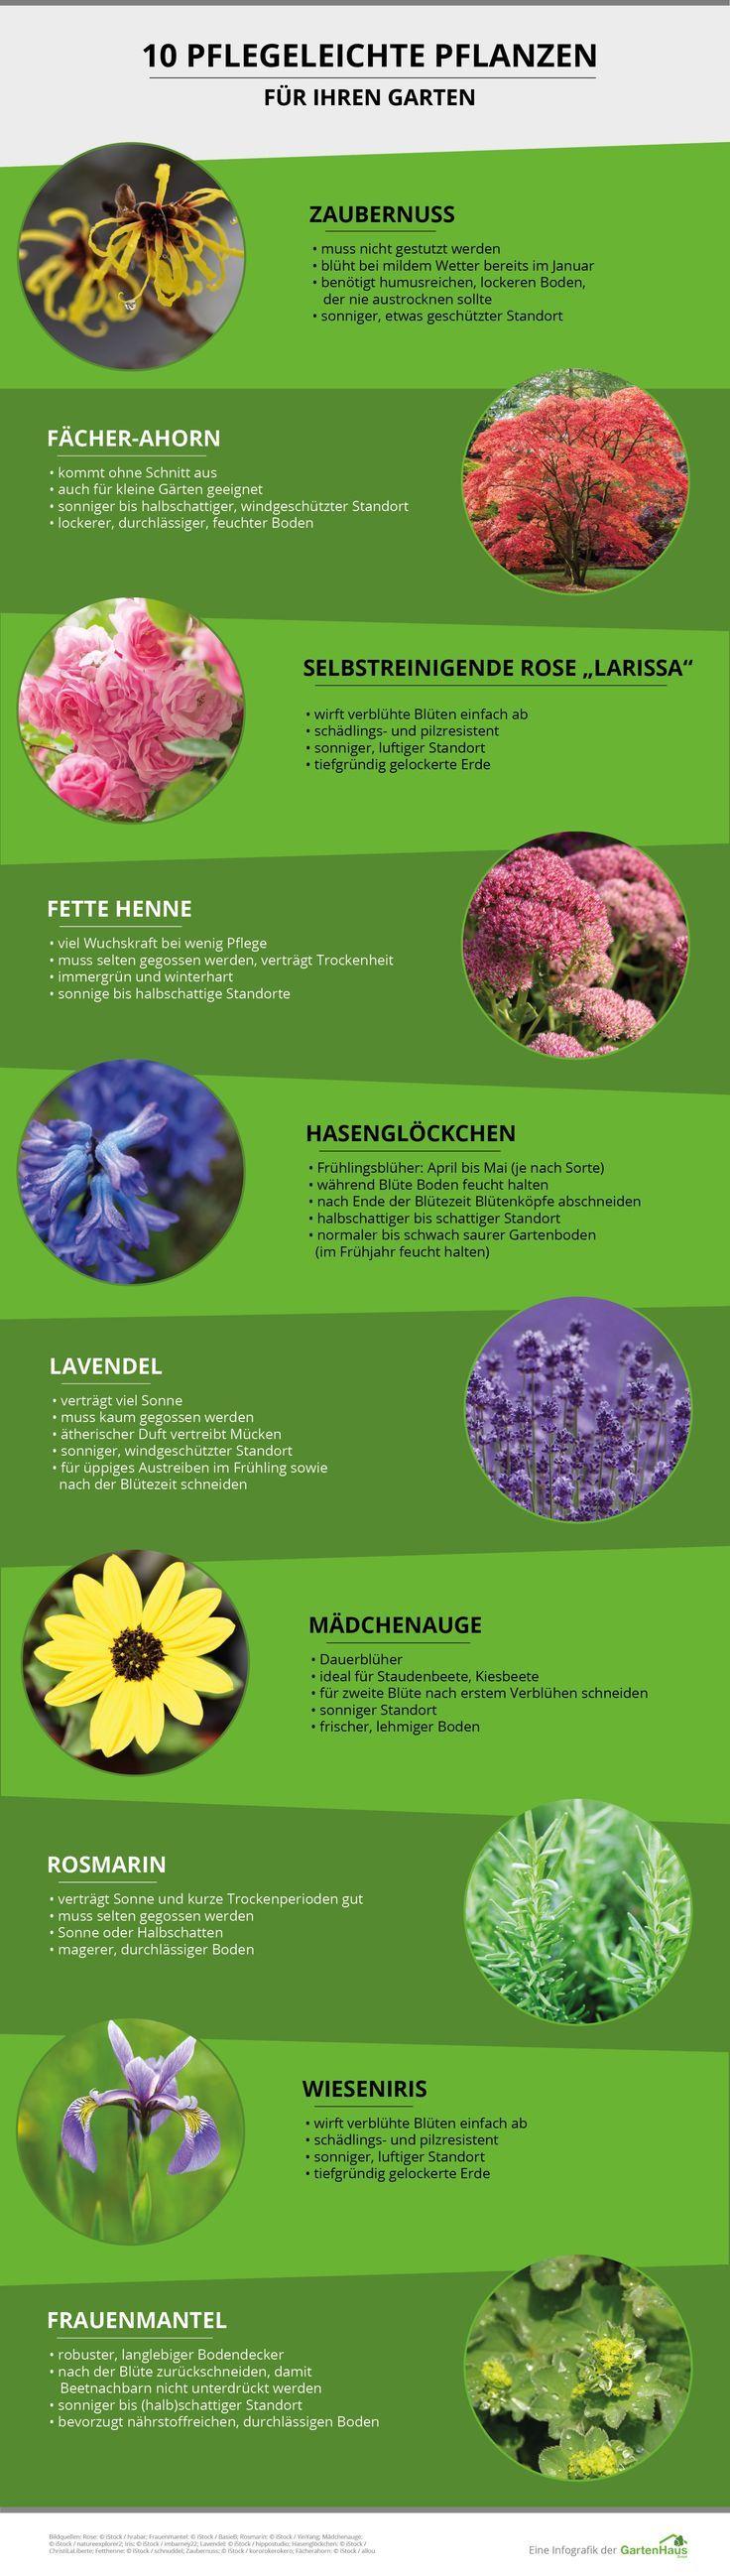 Great Lästige Gartenarbeit Adé: Gestalten Sie Ihren Garten Pflegeleicht U0026  Entdecken Sie 10 Pflegeleichte Pflanzen U2013